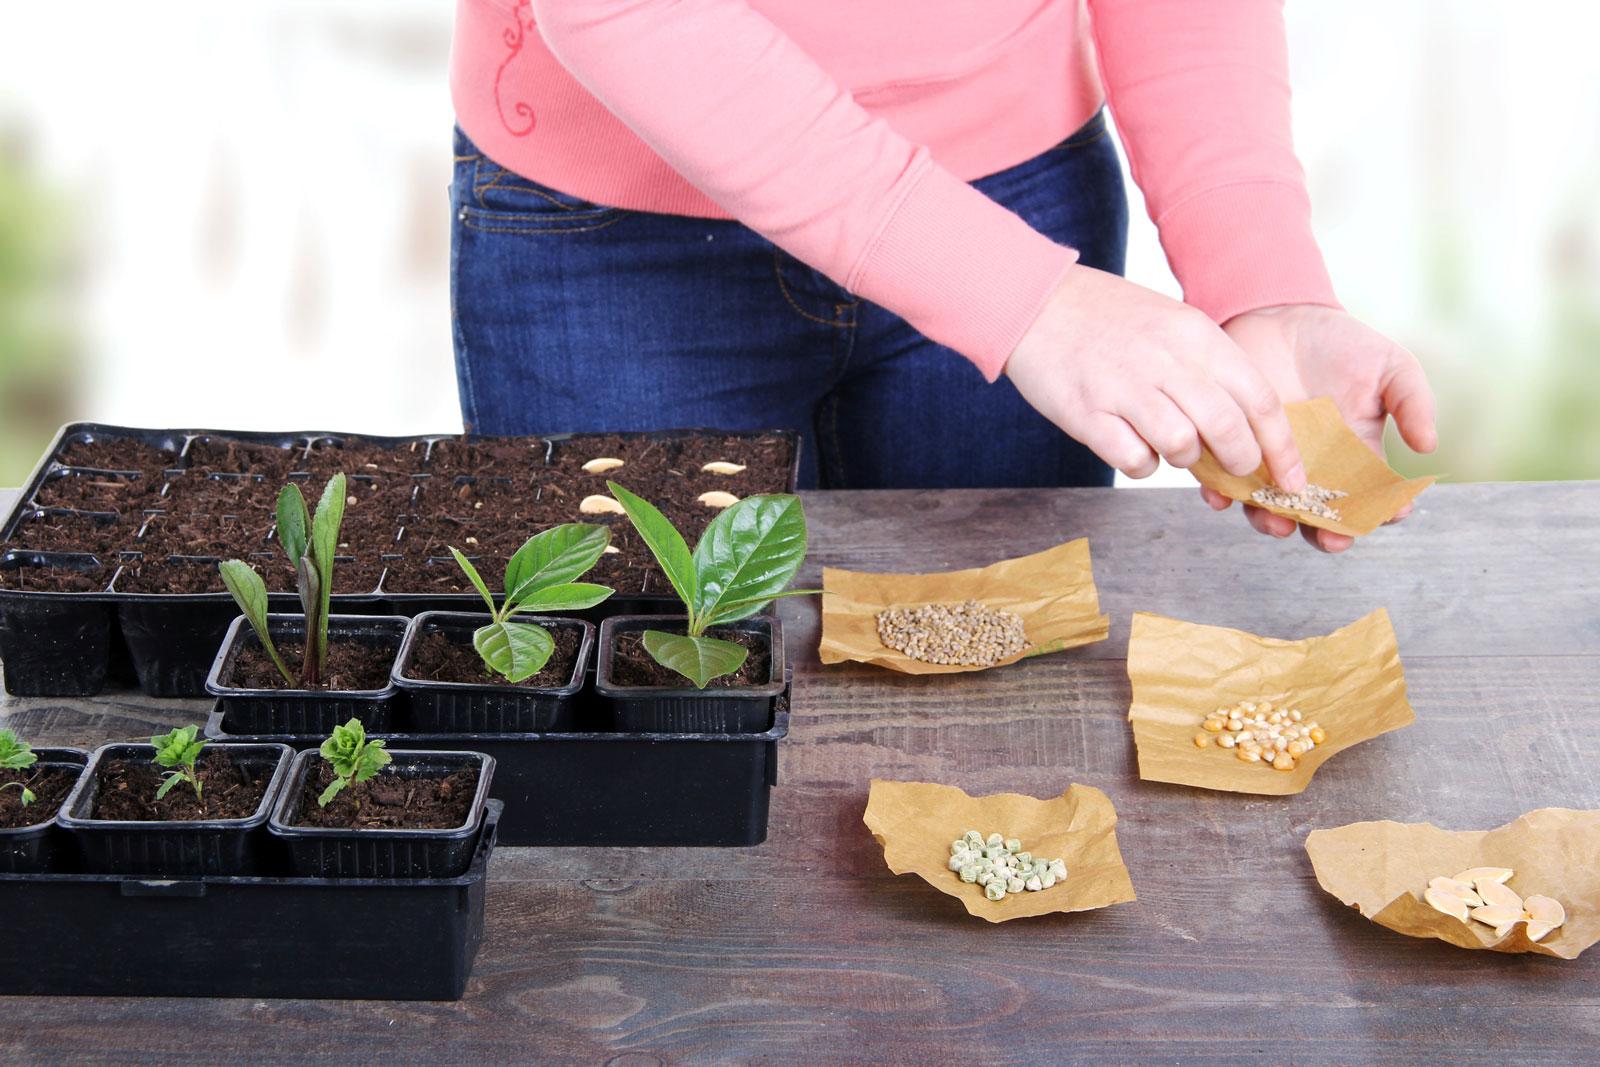 Kräuter selber züchten ist nicht schwer.